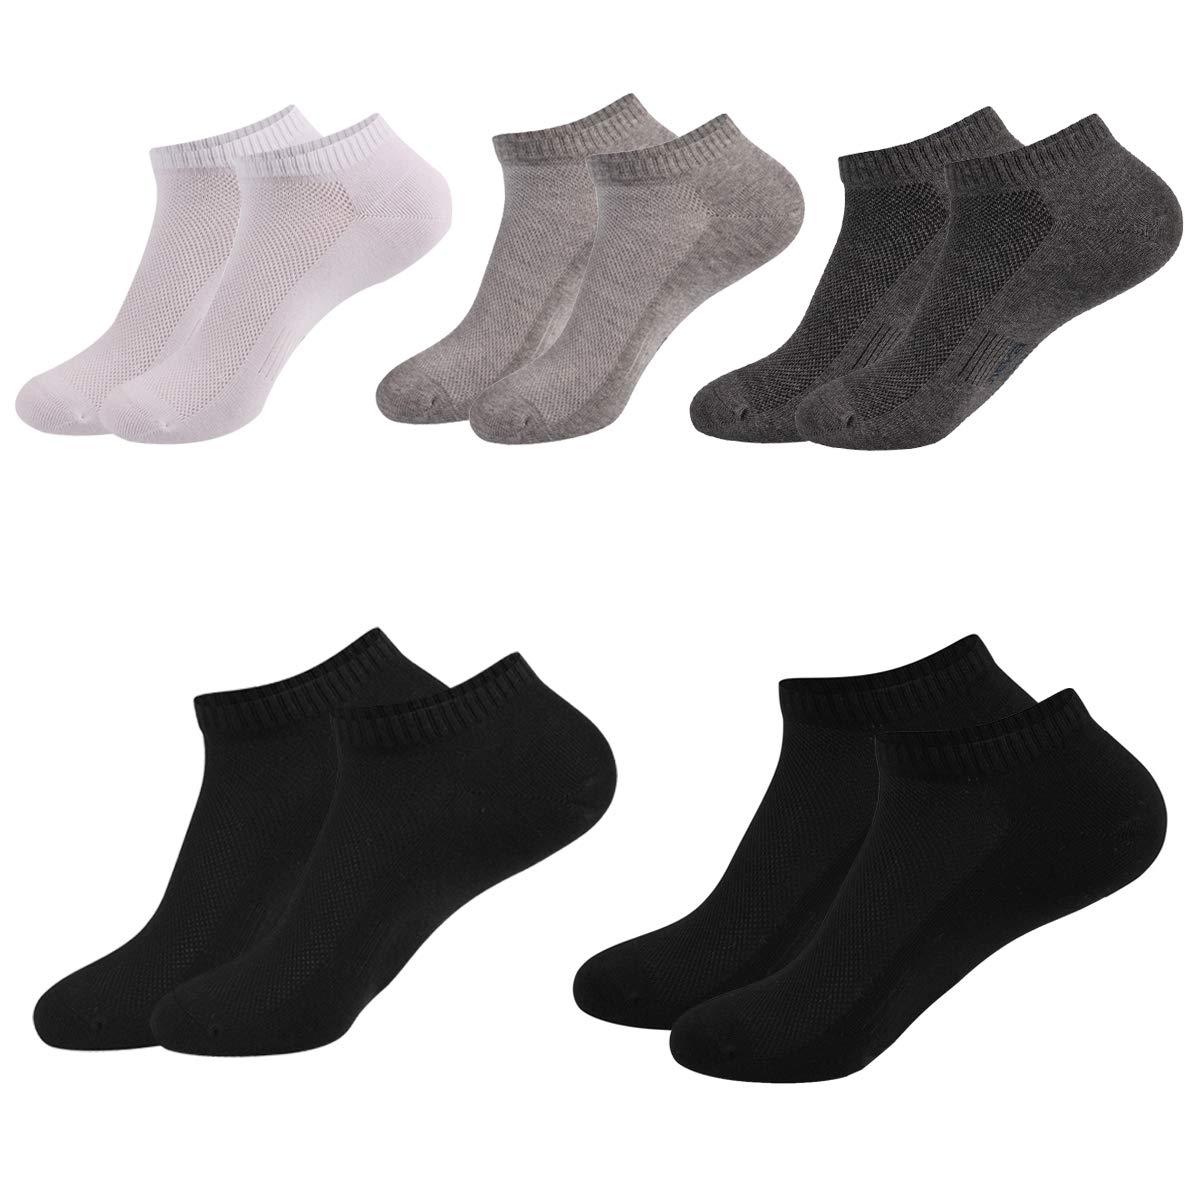 HBF 5 Pares Calcetines Cortos Hombre Algodon Calcetines Invisibles Hombre Multicolor Calcetines Barco product image